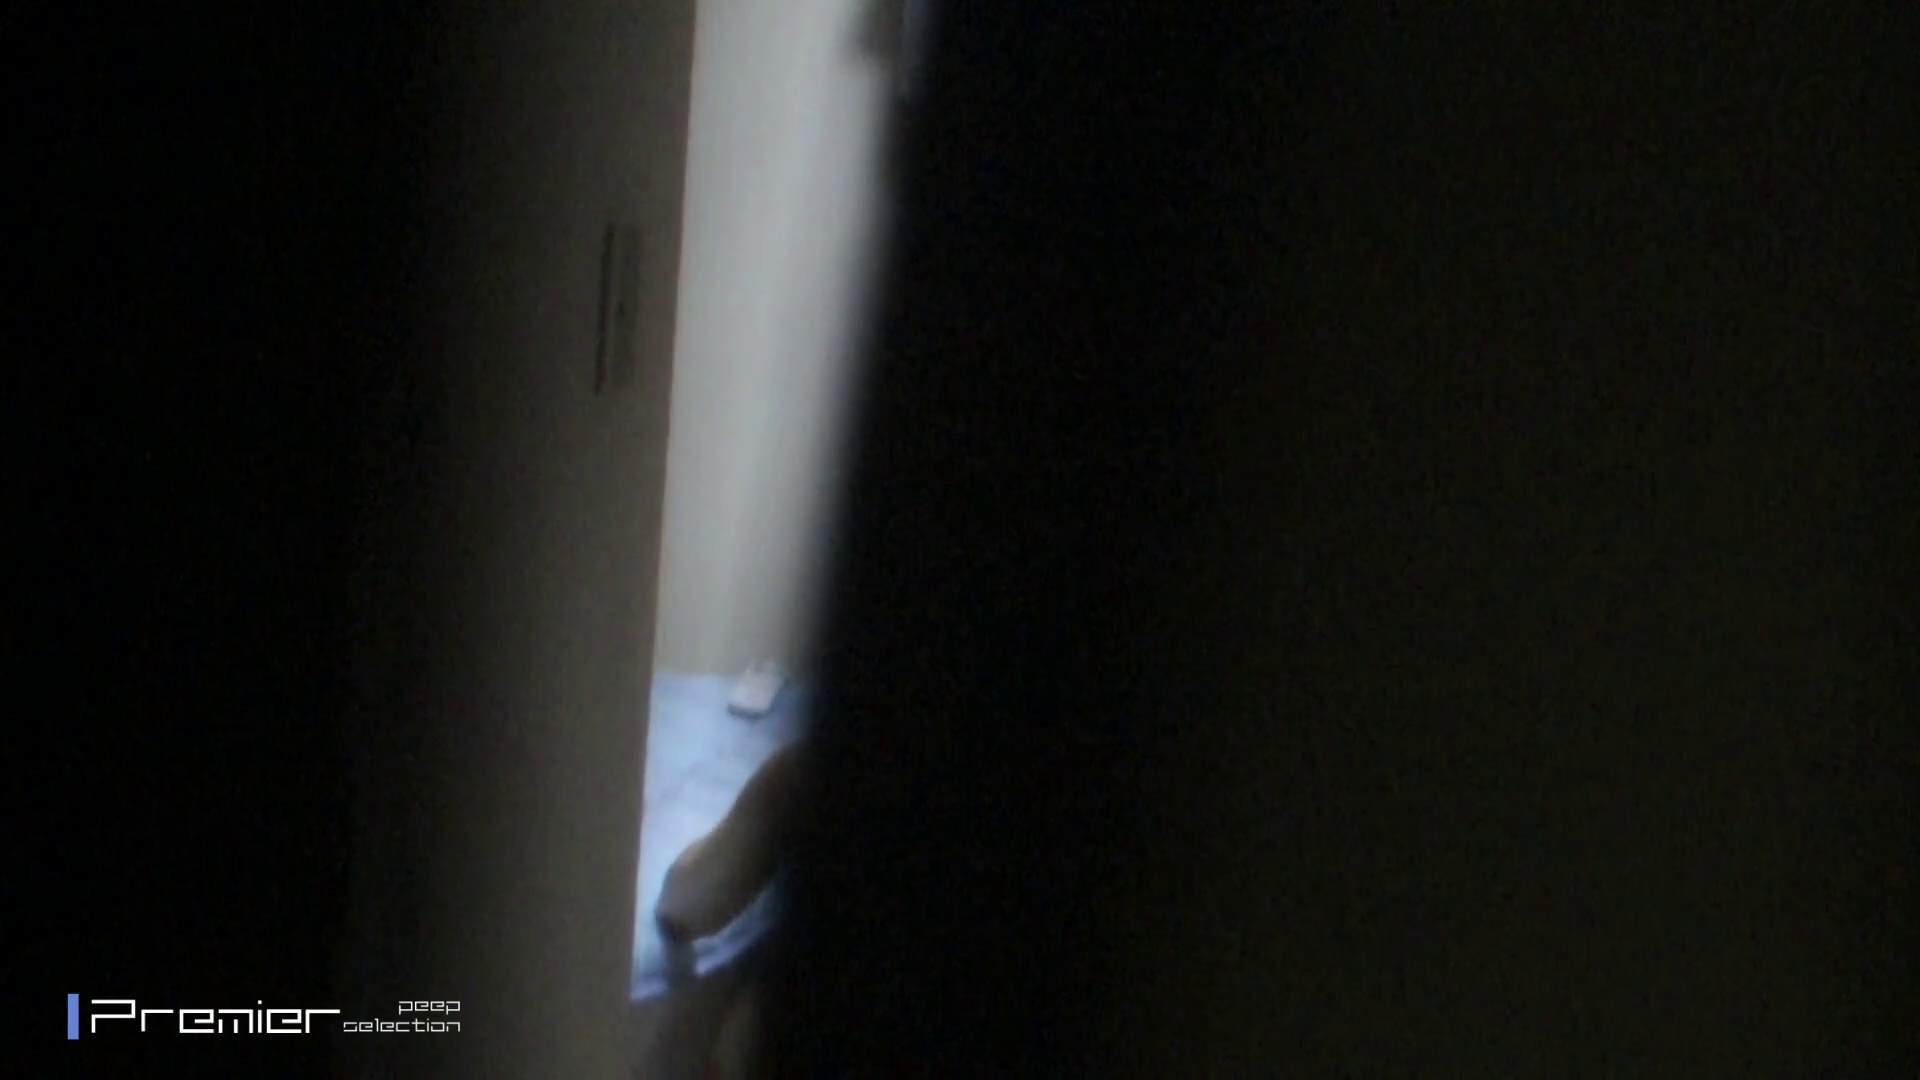 美女達の私生活に潜入!ミスキャンパスの私生活 他 1 名 高画質 盗撮動画紹介 79PIX 23